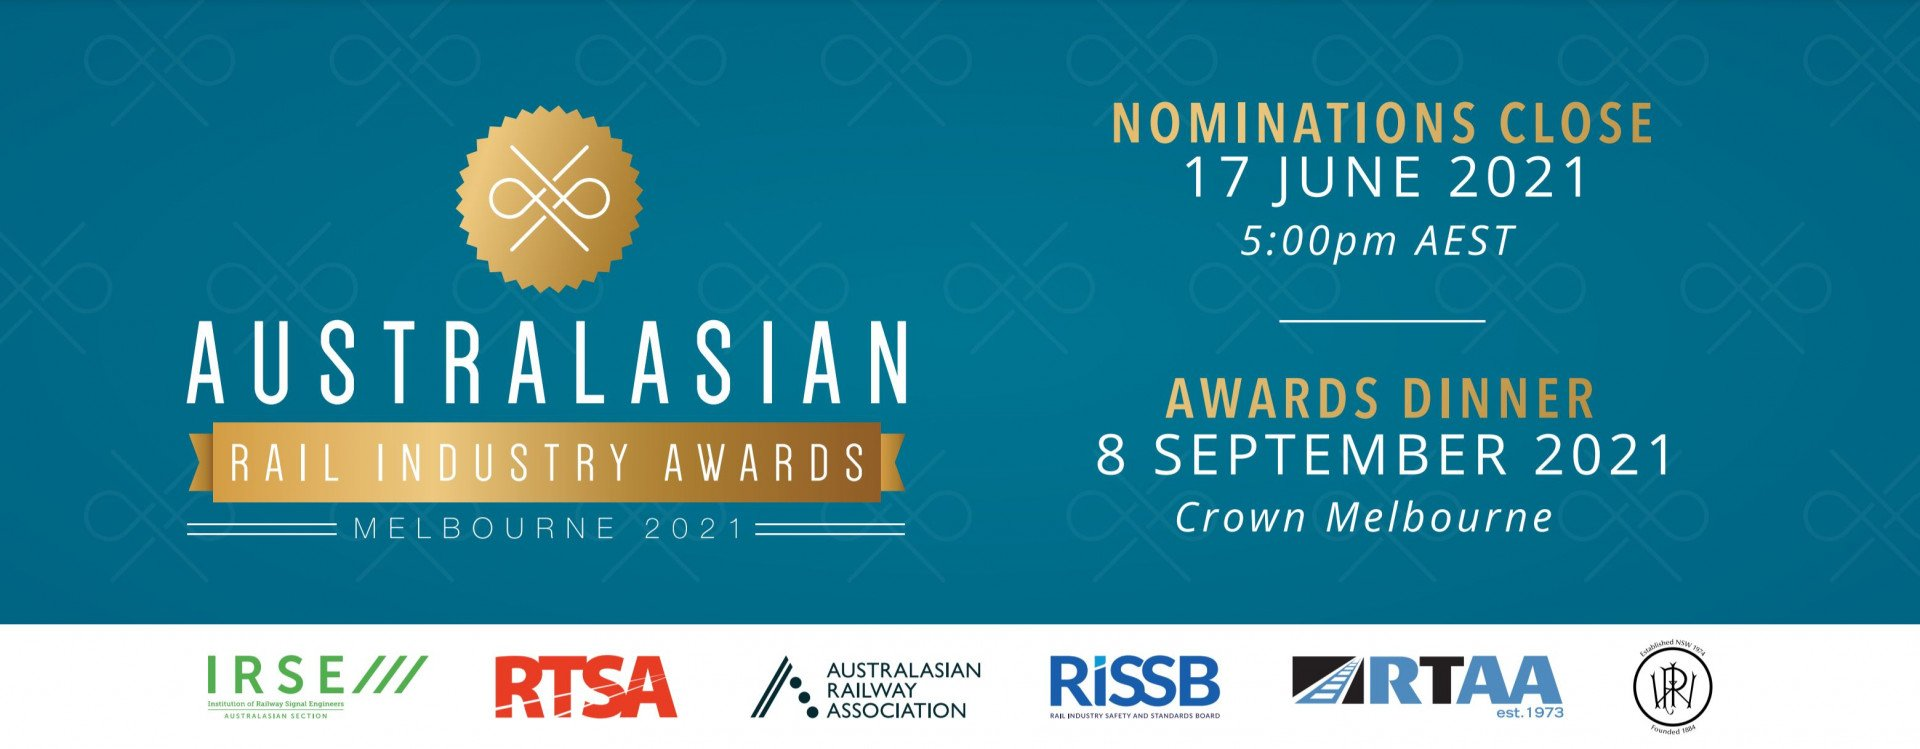 ARI Awards 2021